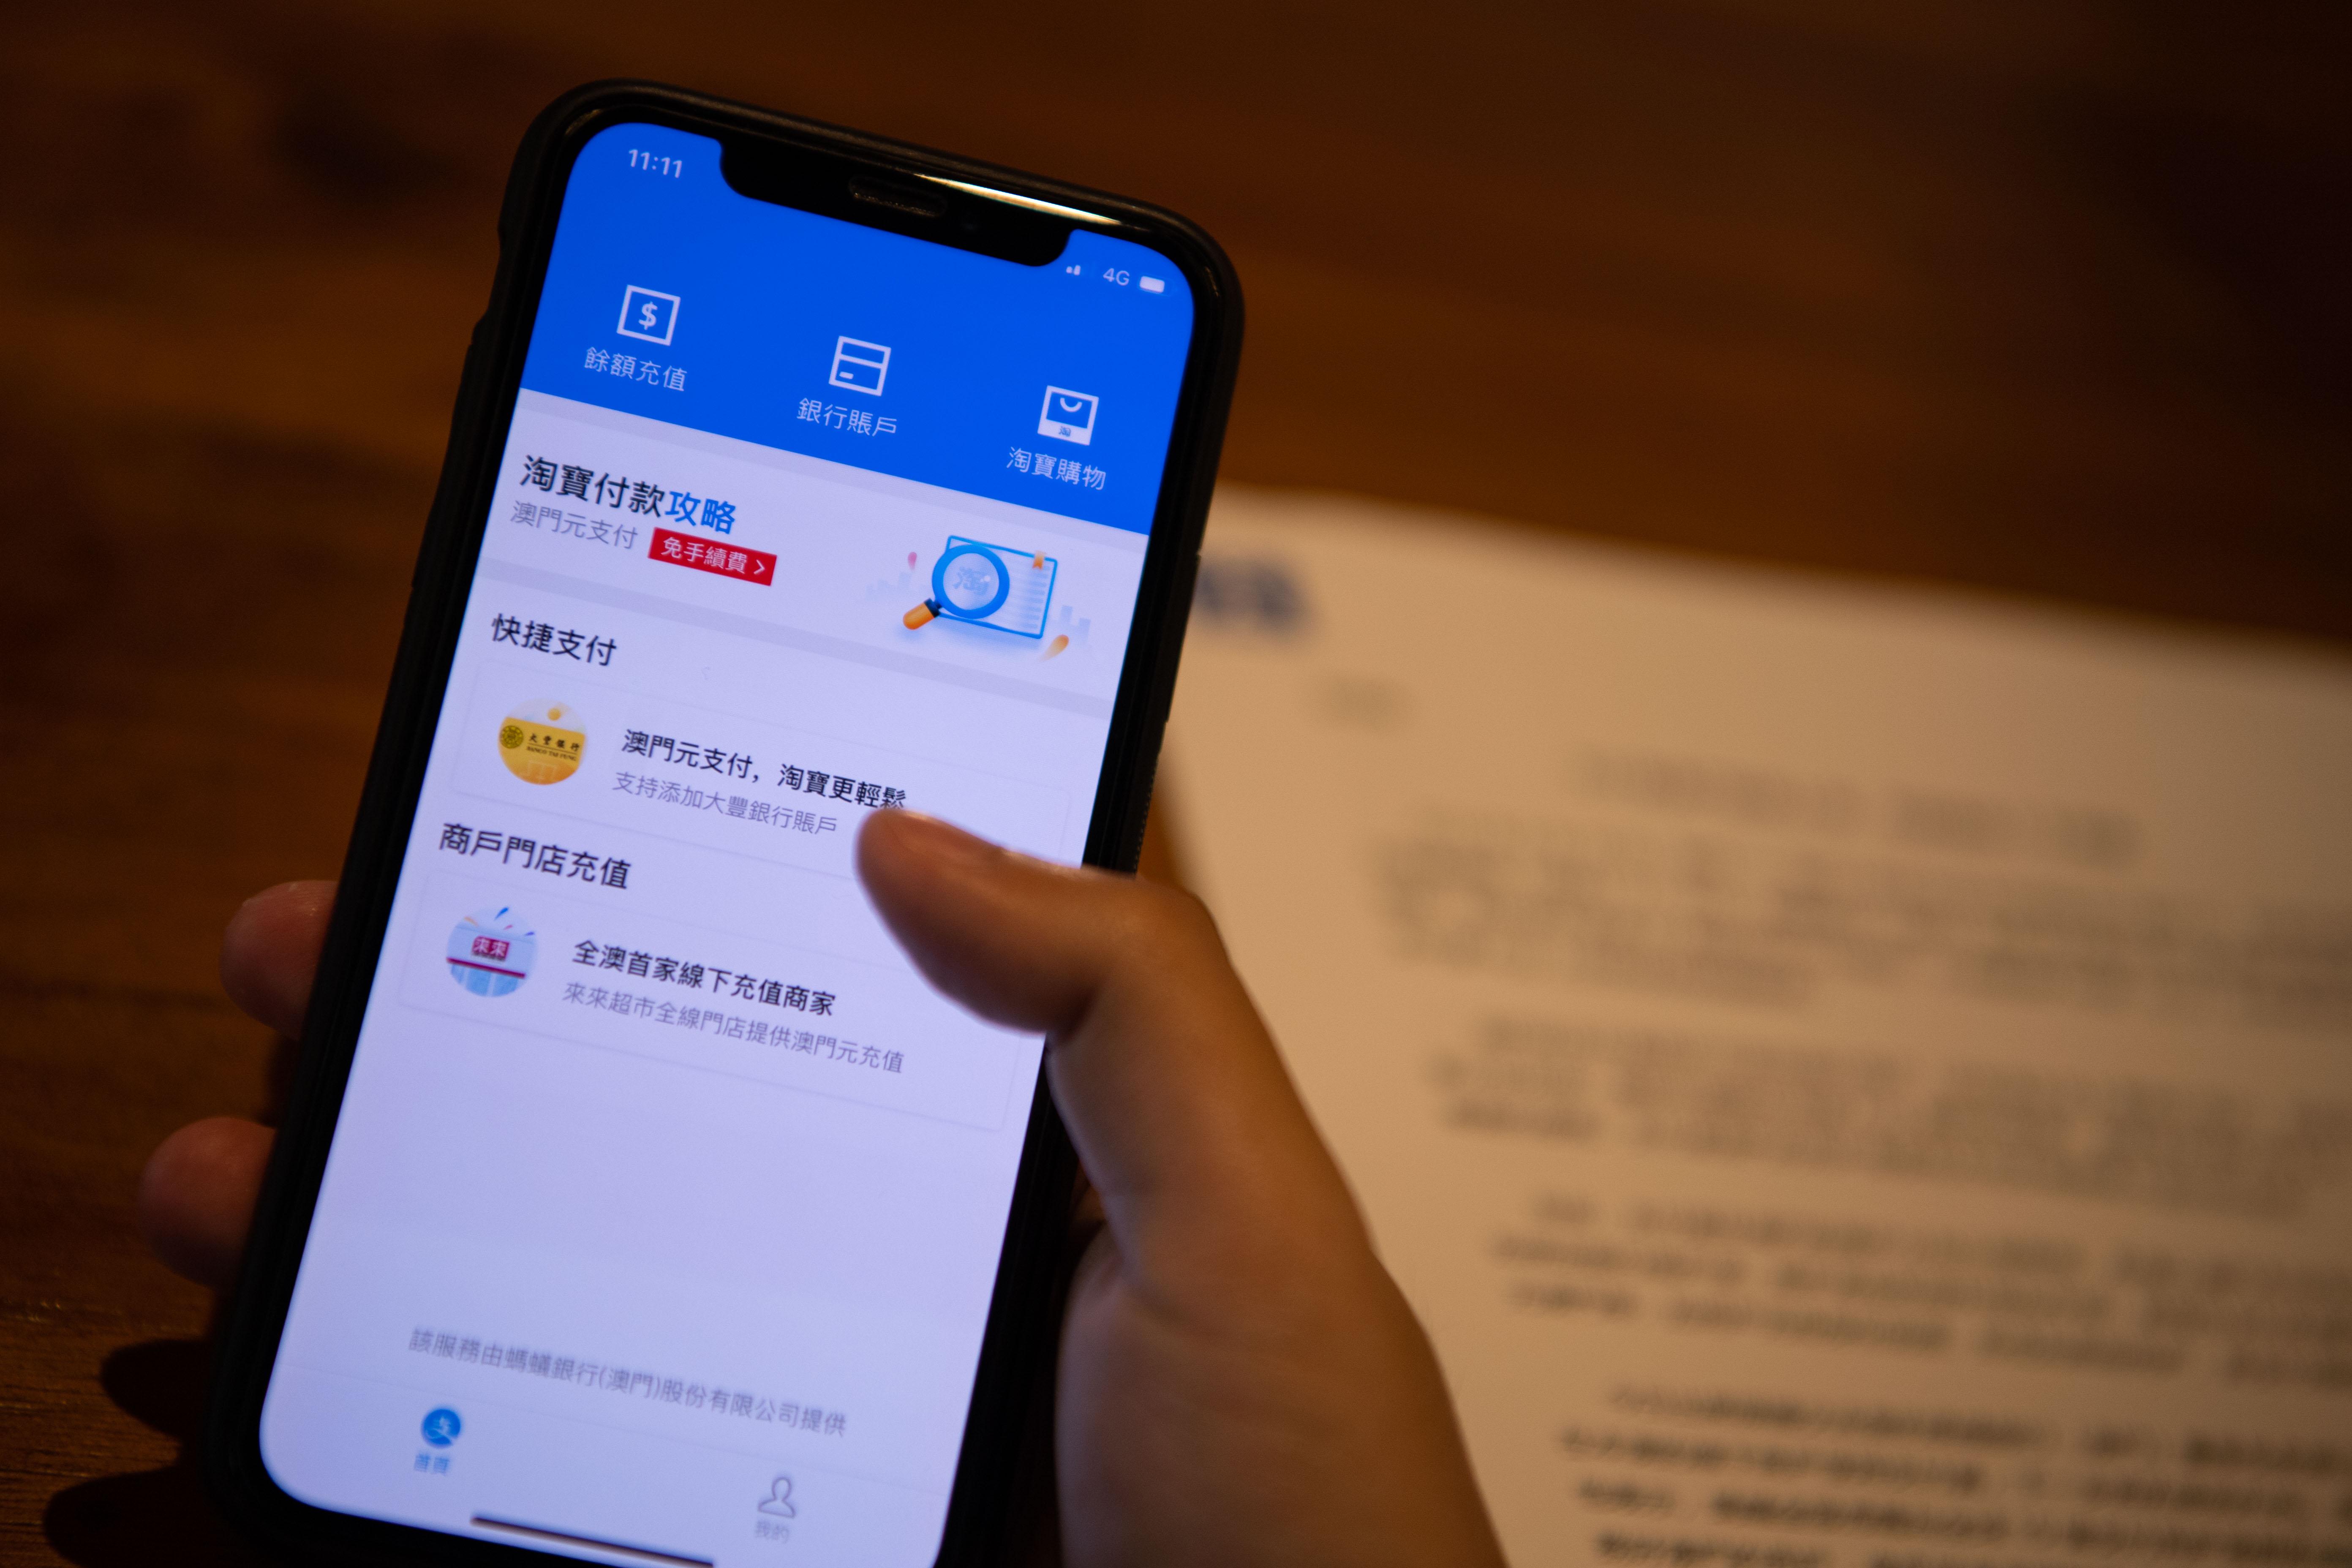 アリペイ、マカオでサービス開始 地元の携帯番号で登録可能